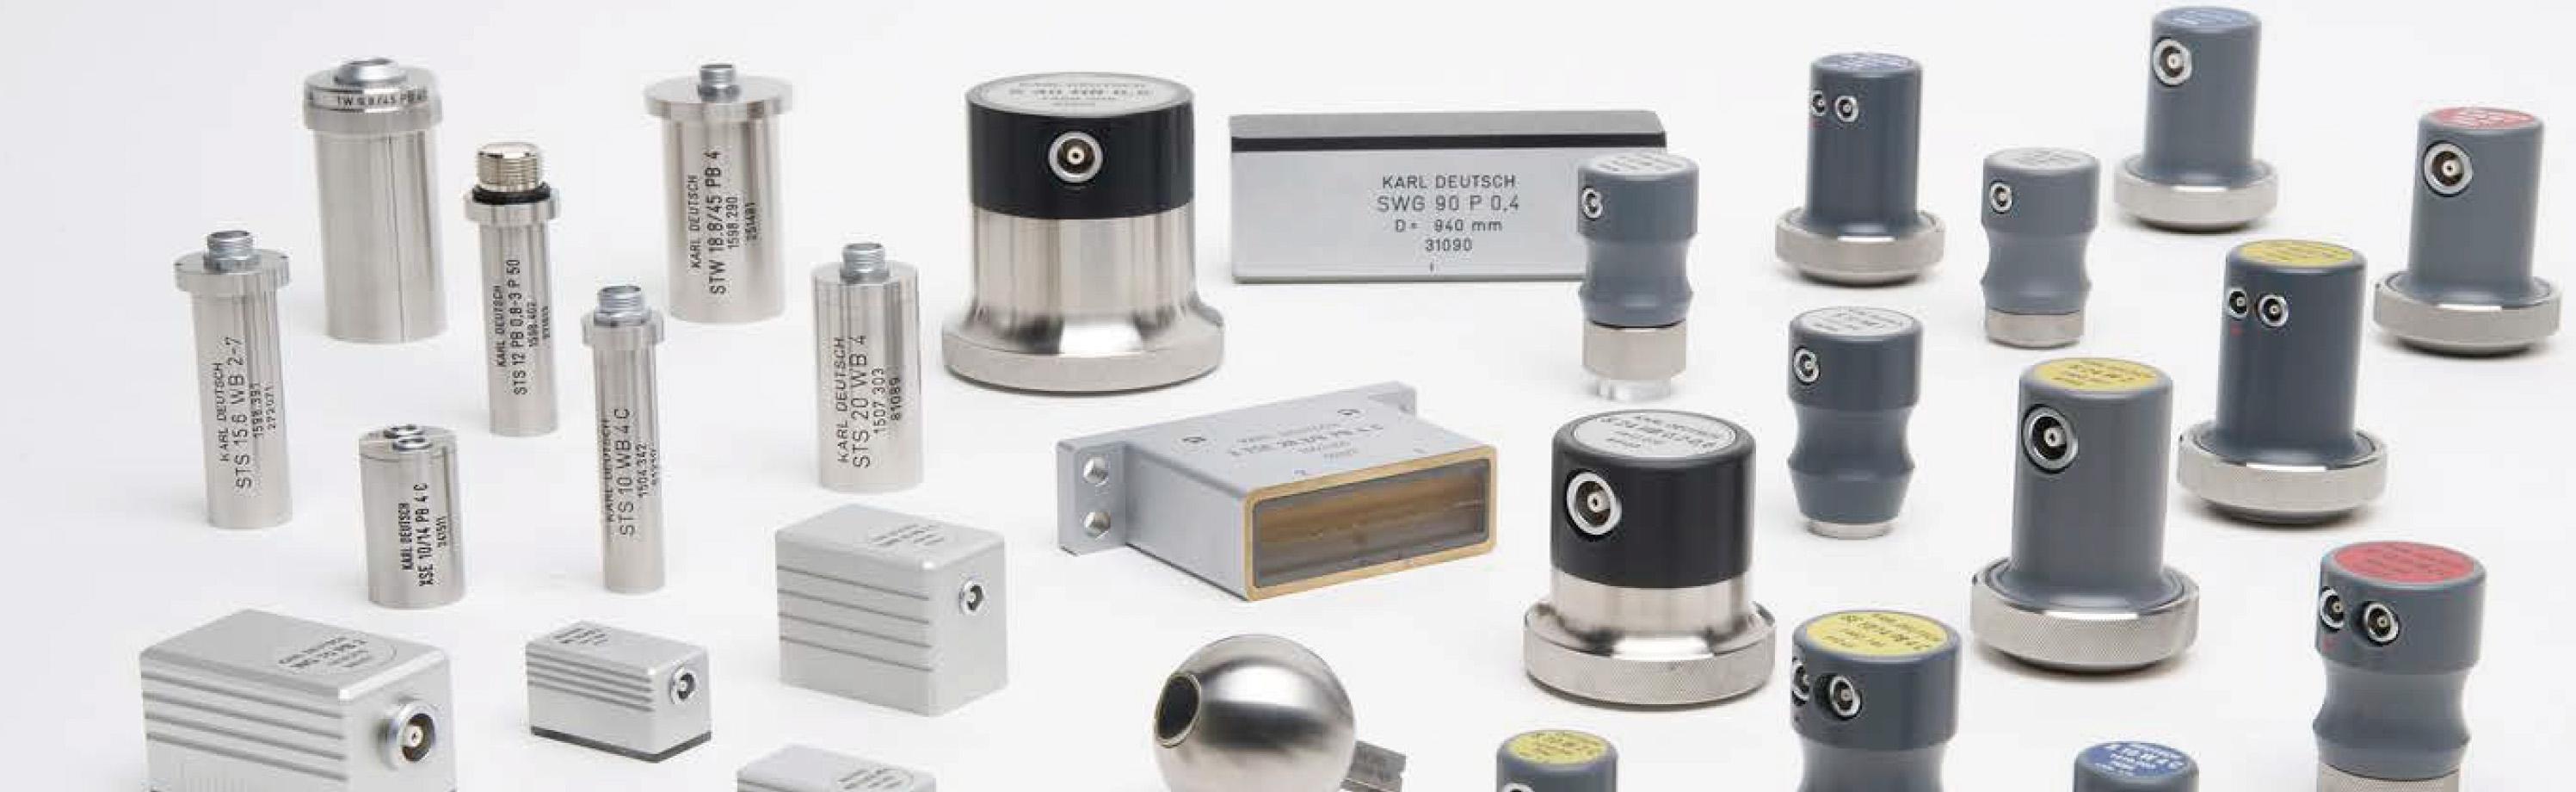 Palpadores y equipos portátiles de ultrasonidos